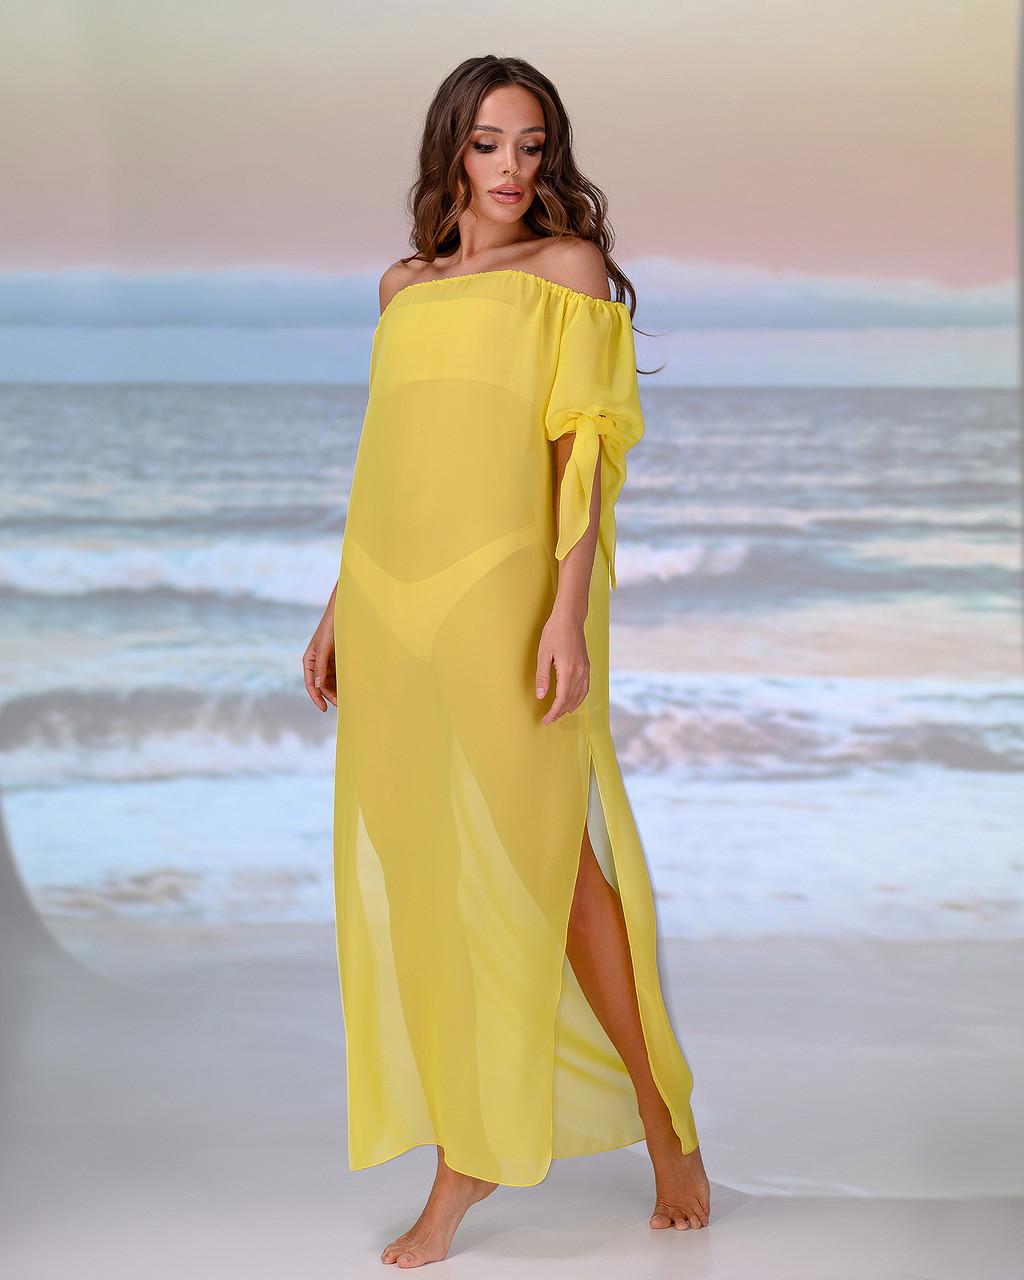 Довга пляжна туніка зі спущеними плечима розмір 42-44 р. колір жовтий